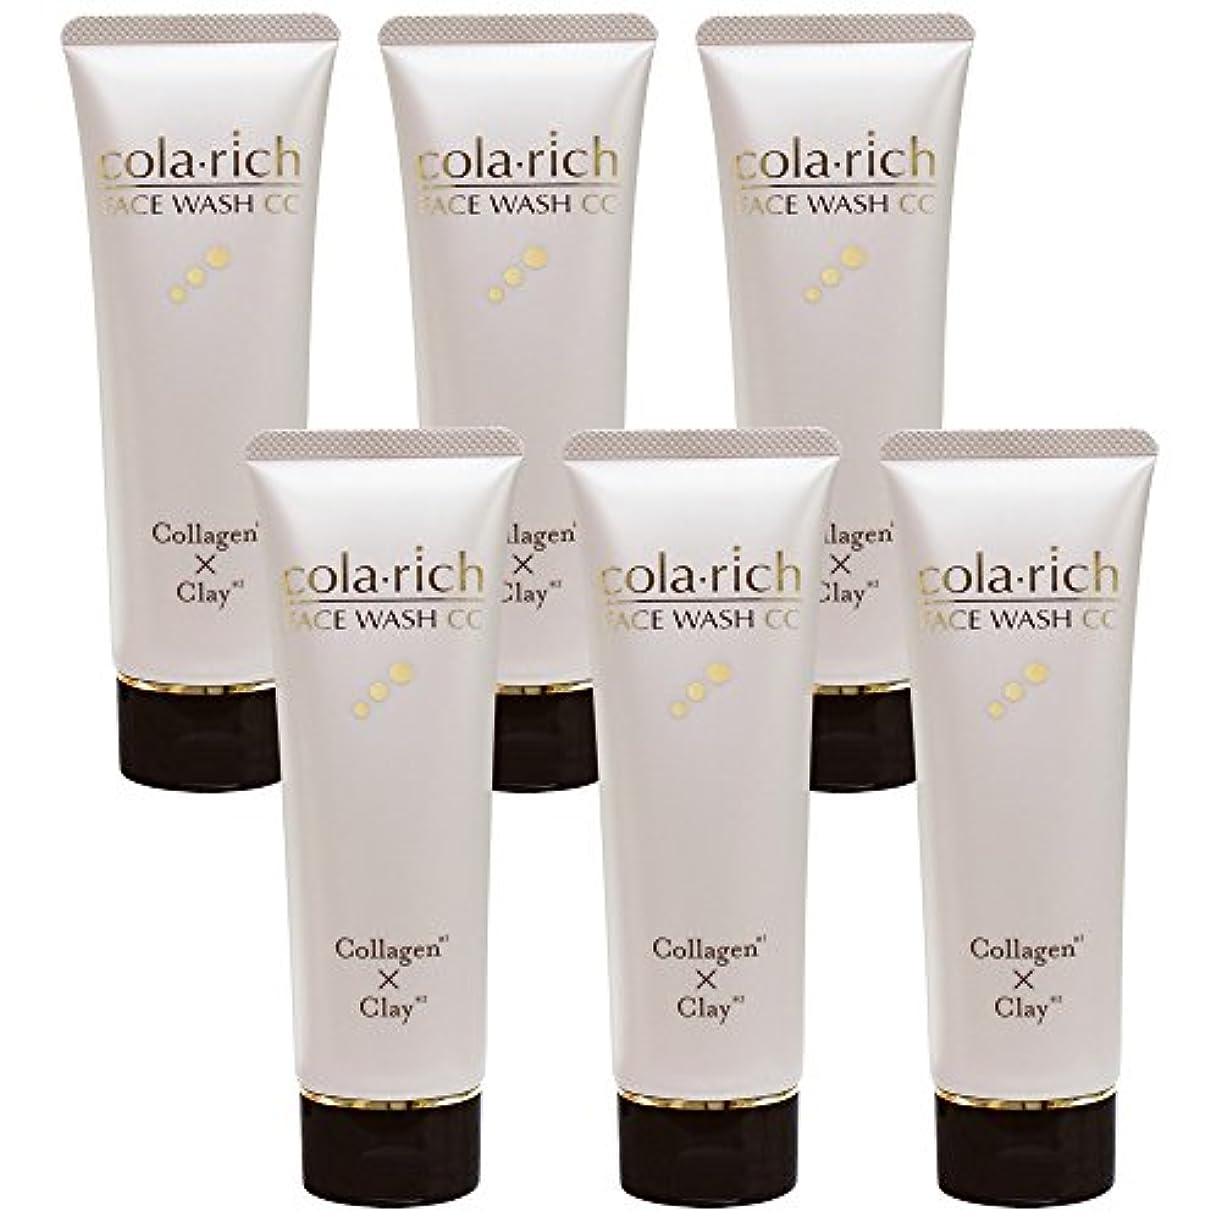 それから繊維深さコラリッチ コラーゲン配合美容液洗顔6本まとめ買い/フェイスウォッシュCC(1本120g 約1カ月分)キューサイ